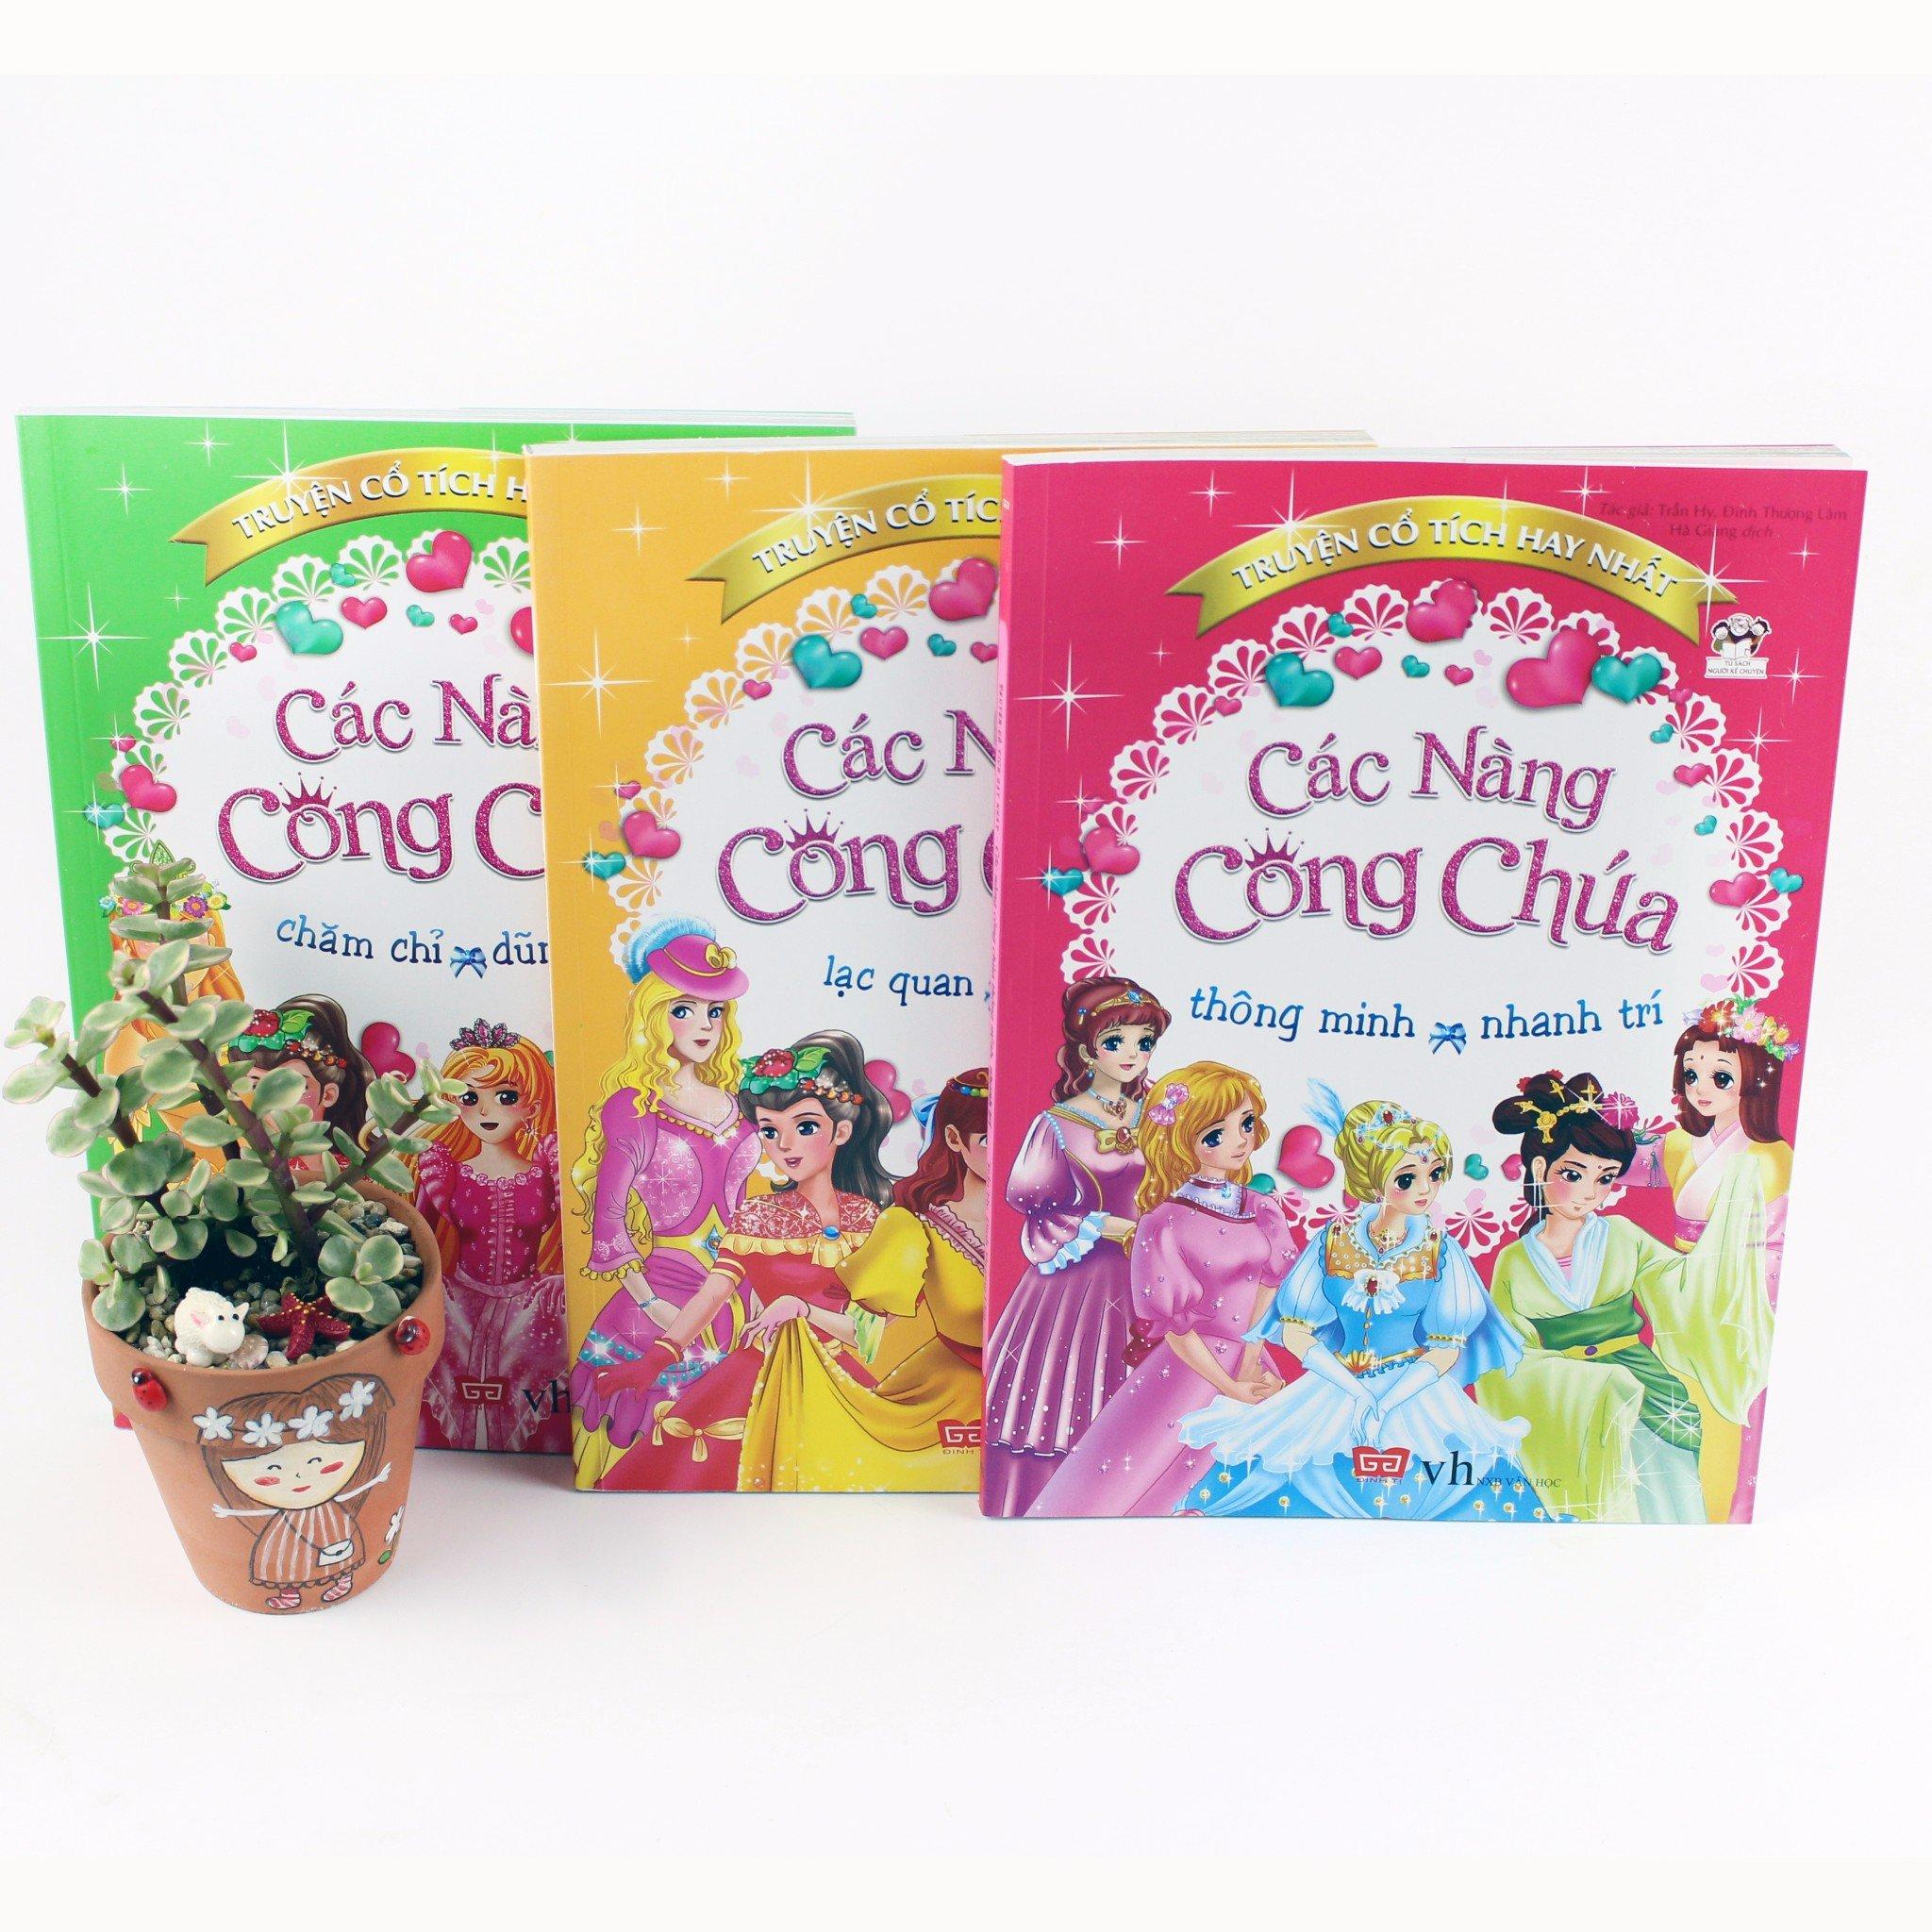 Set Truyện cổ tích hay nhất gồm 3 cuốn: Các nàng công chúa thông minh, nhanh trí - Chăm chỉ, dũng cảm - Lạc quan, tự tin